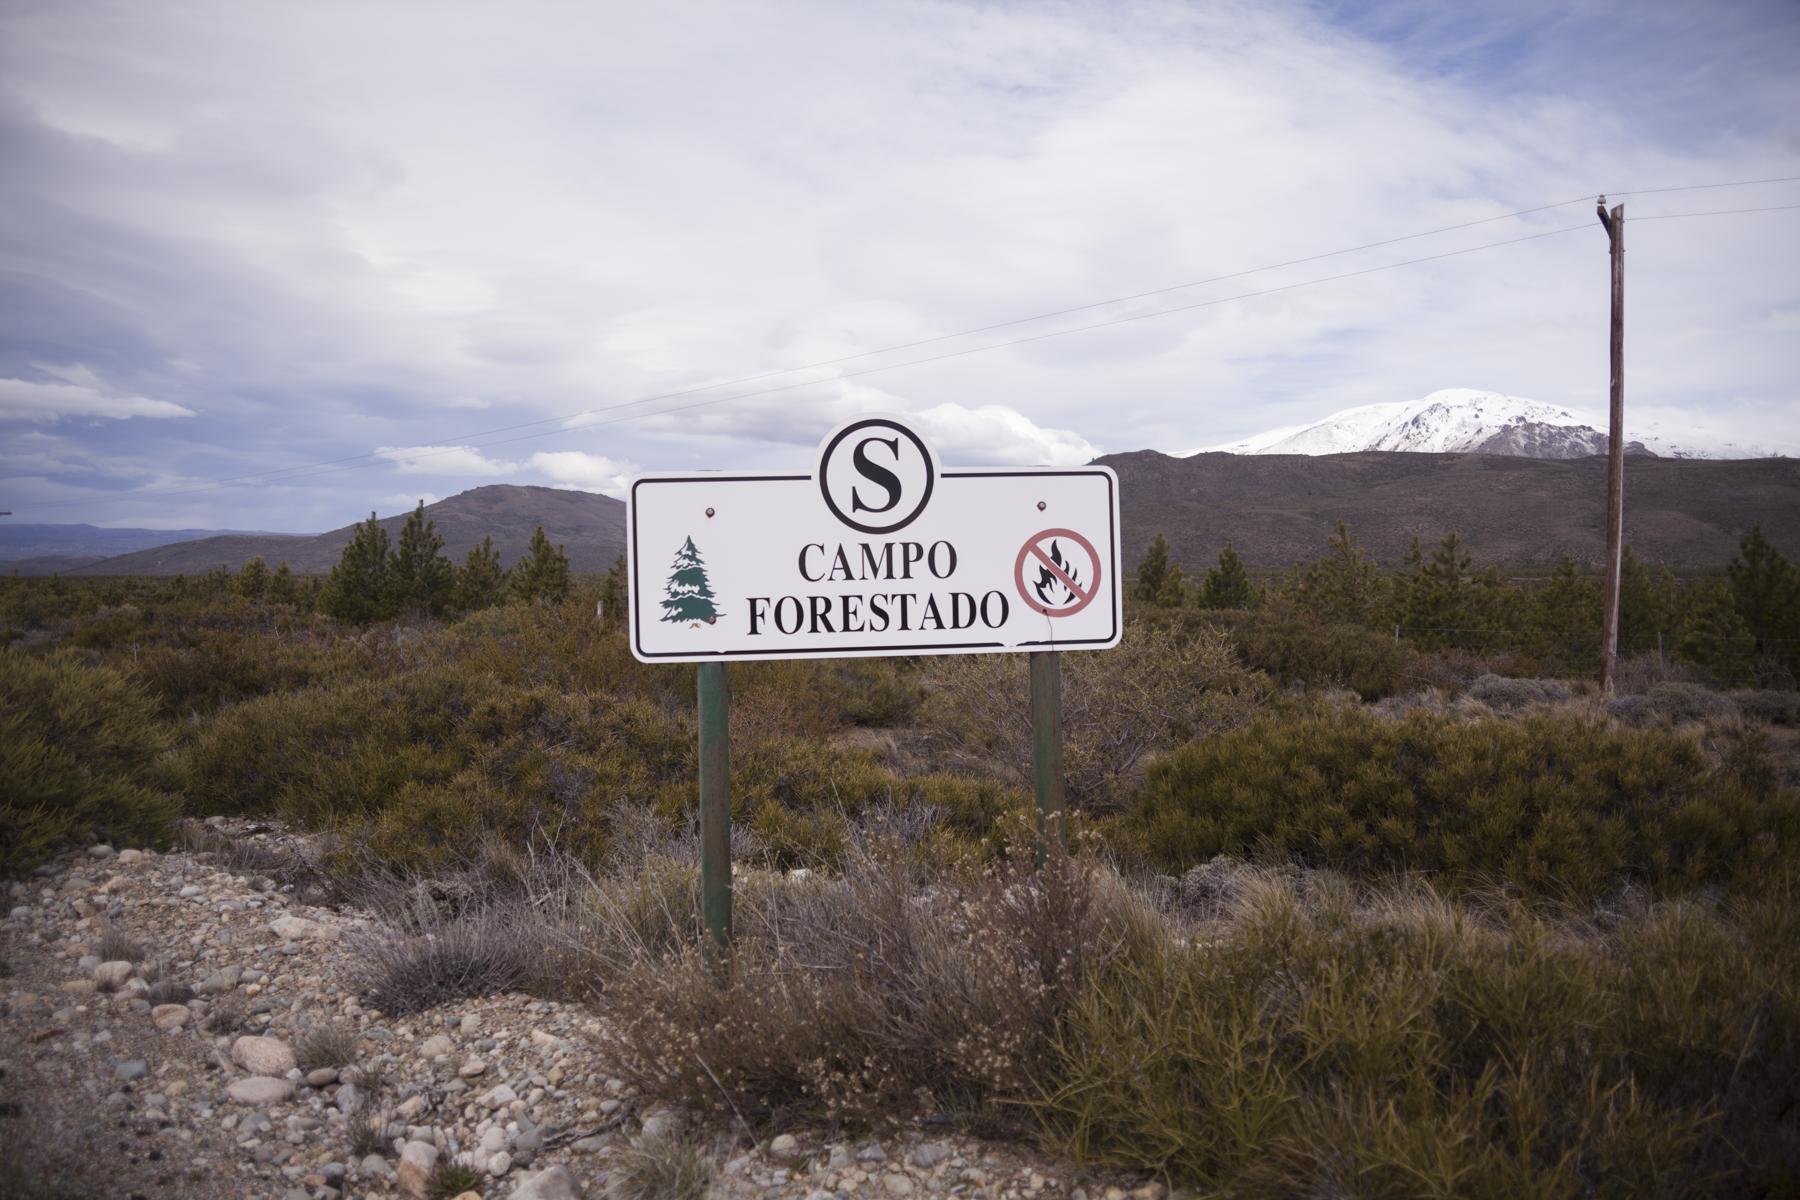 Uno de los principales negocios del empresario italiano es la forestación de una inmesa porción de la Patagonia con subsidios del Estado (Pablo Linietsky)